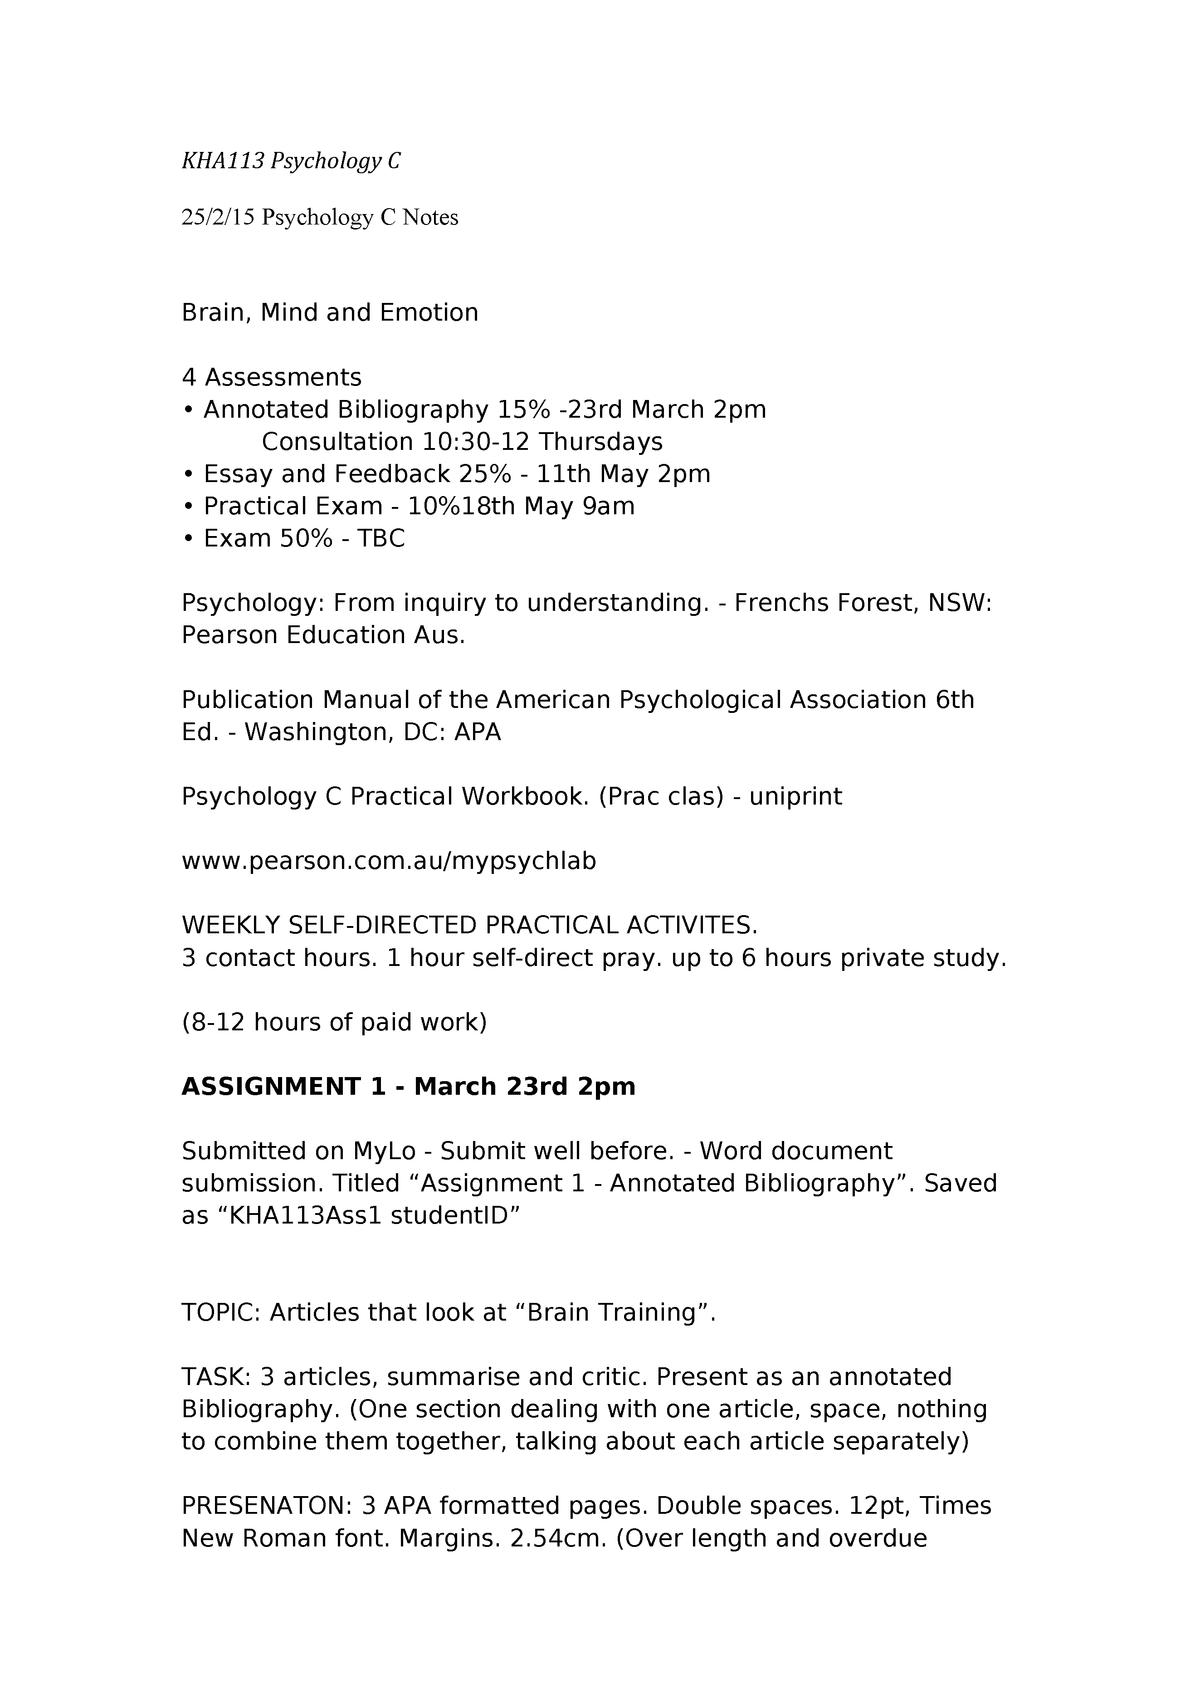 Psychology Sem 1 Notes - KHA113: Psychology C - StuDocu